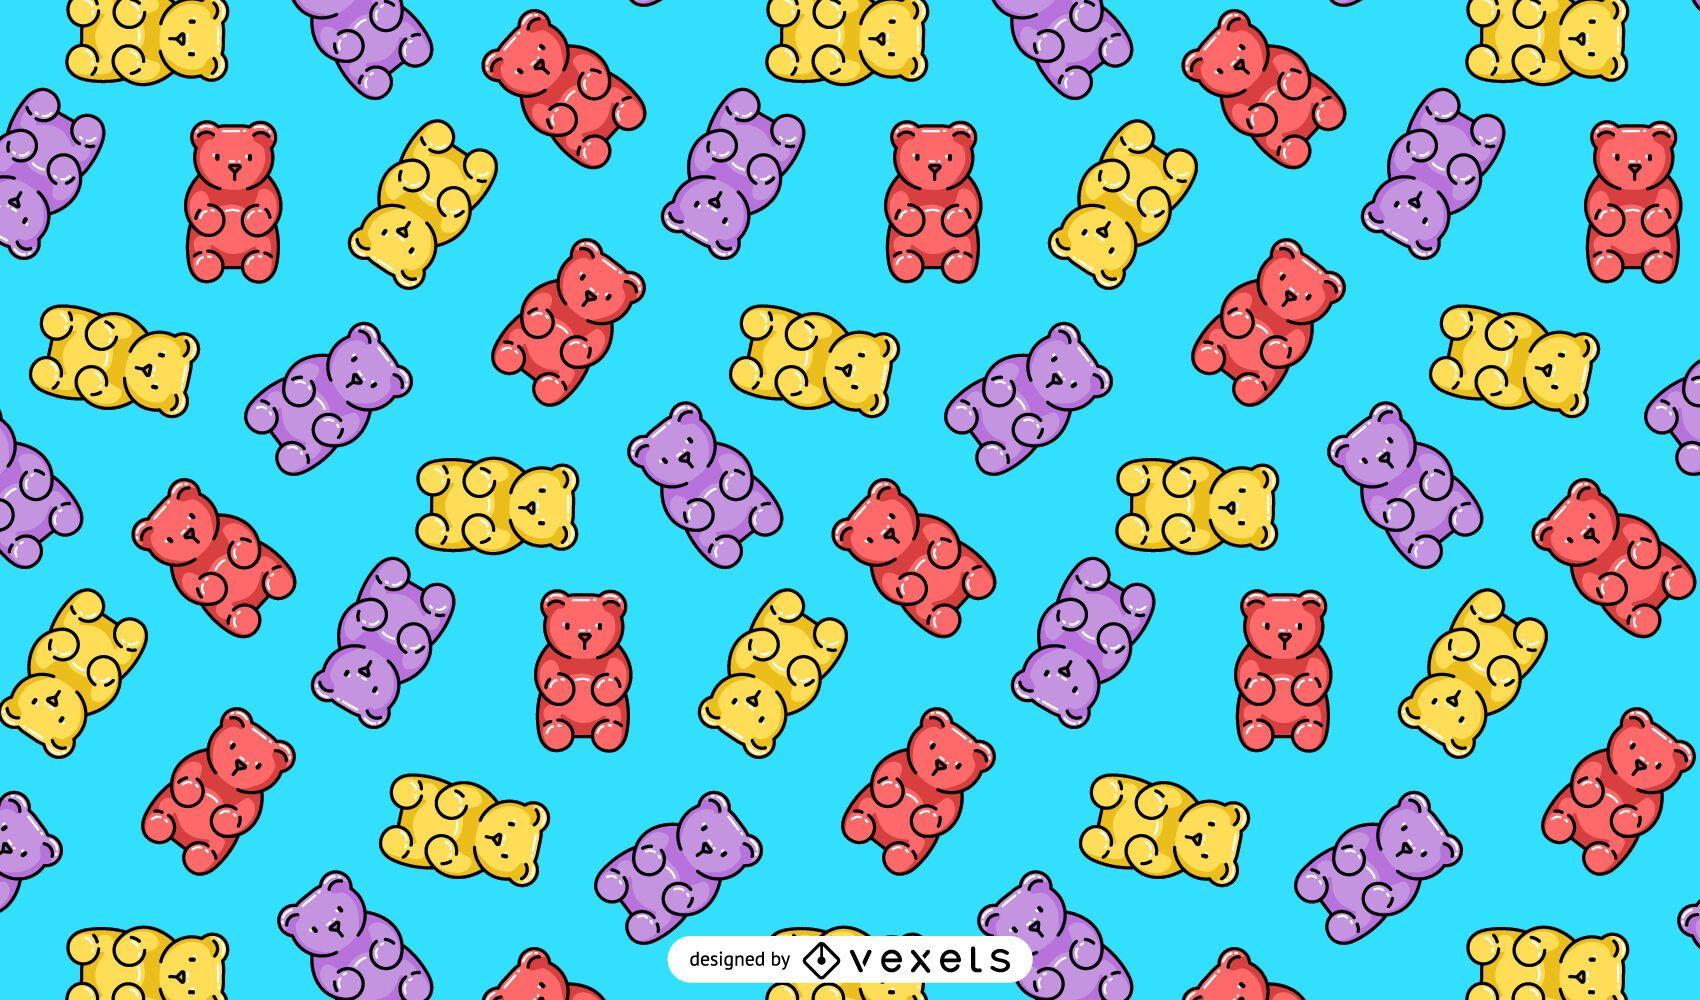 Diseño de patrón de ositos de goma